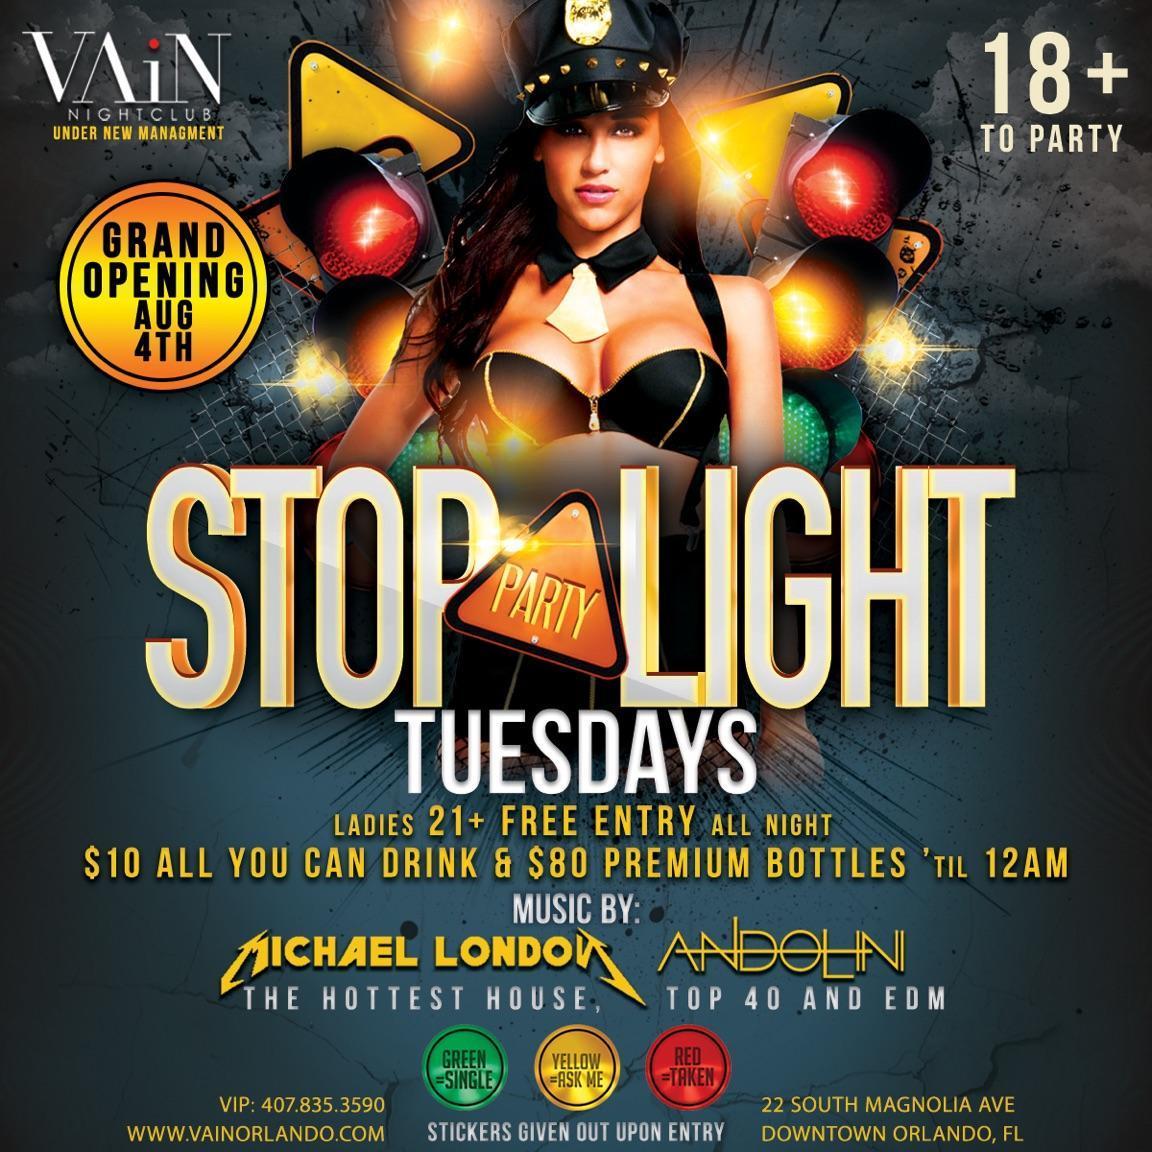 Stop Light Tuesdays